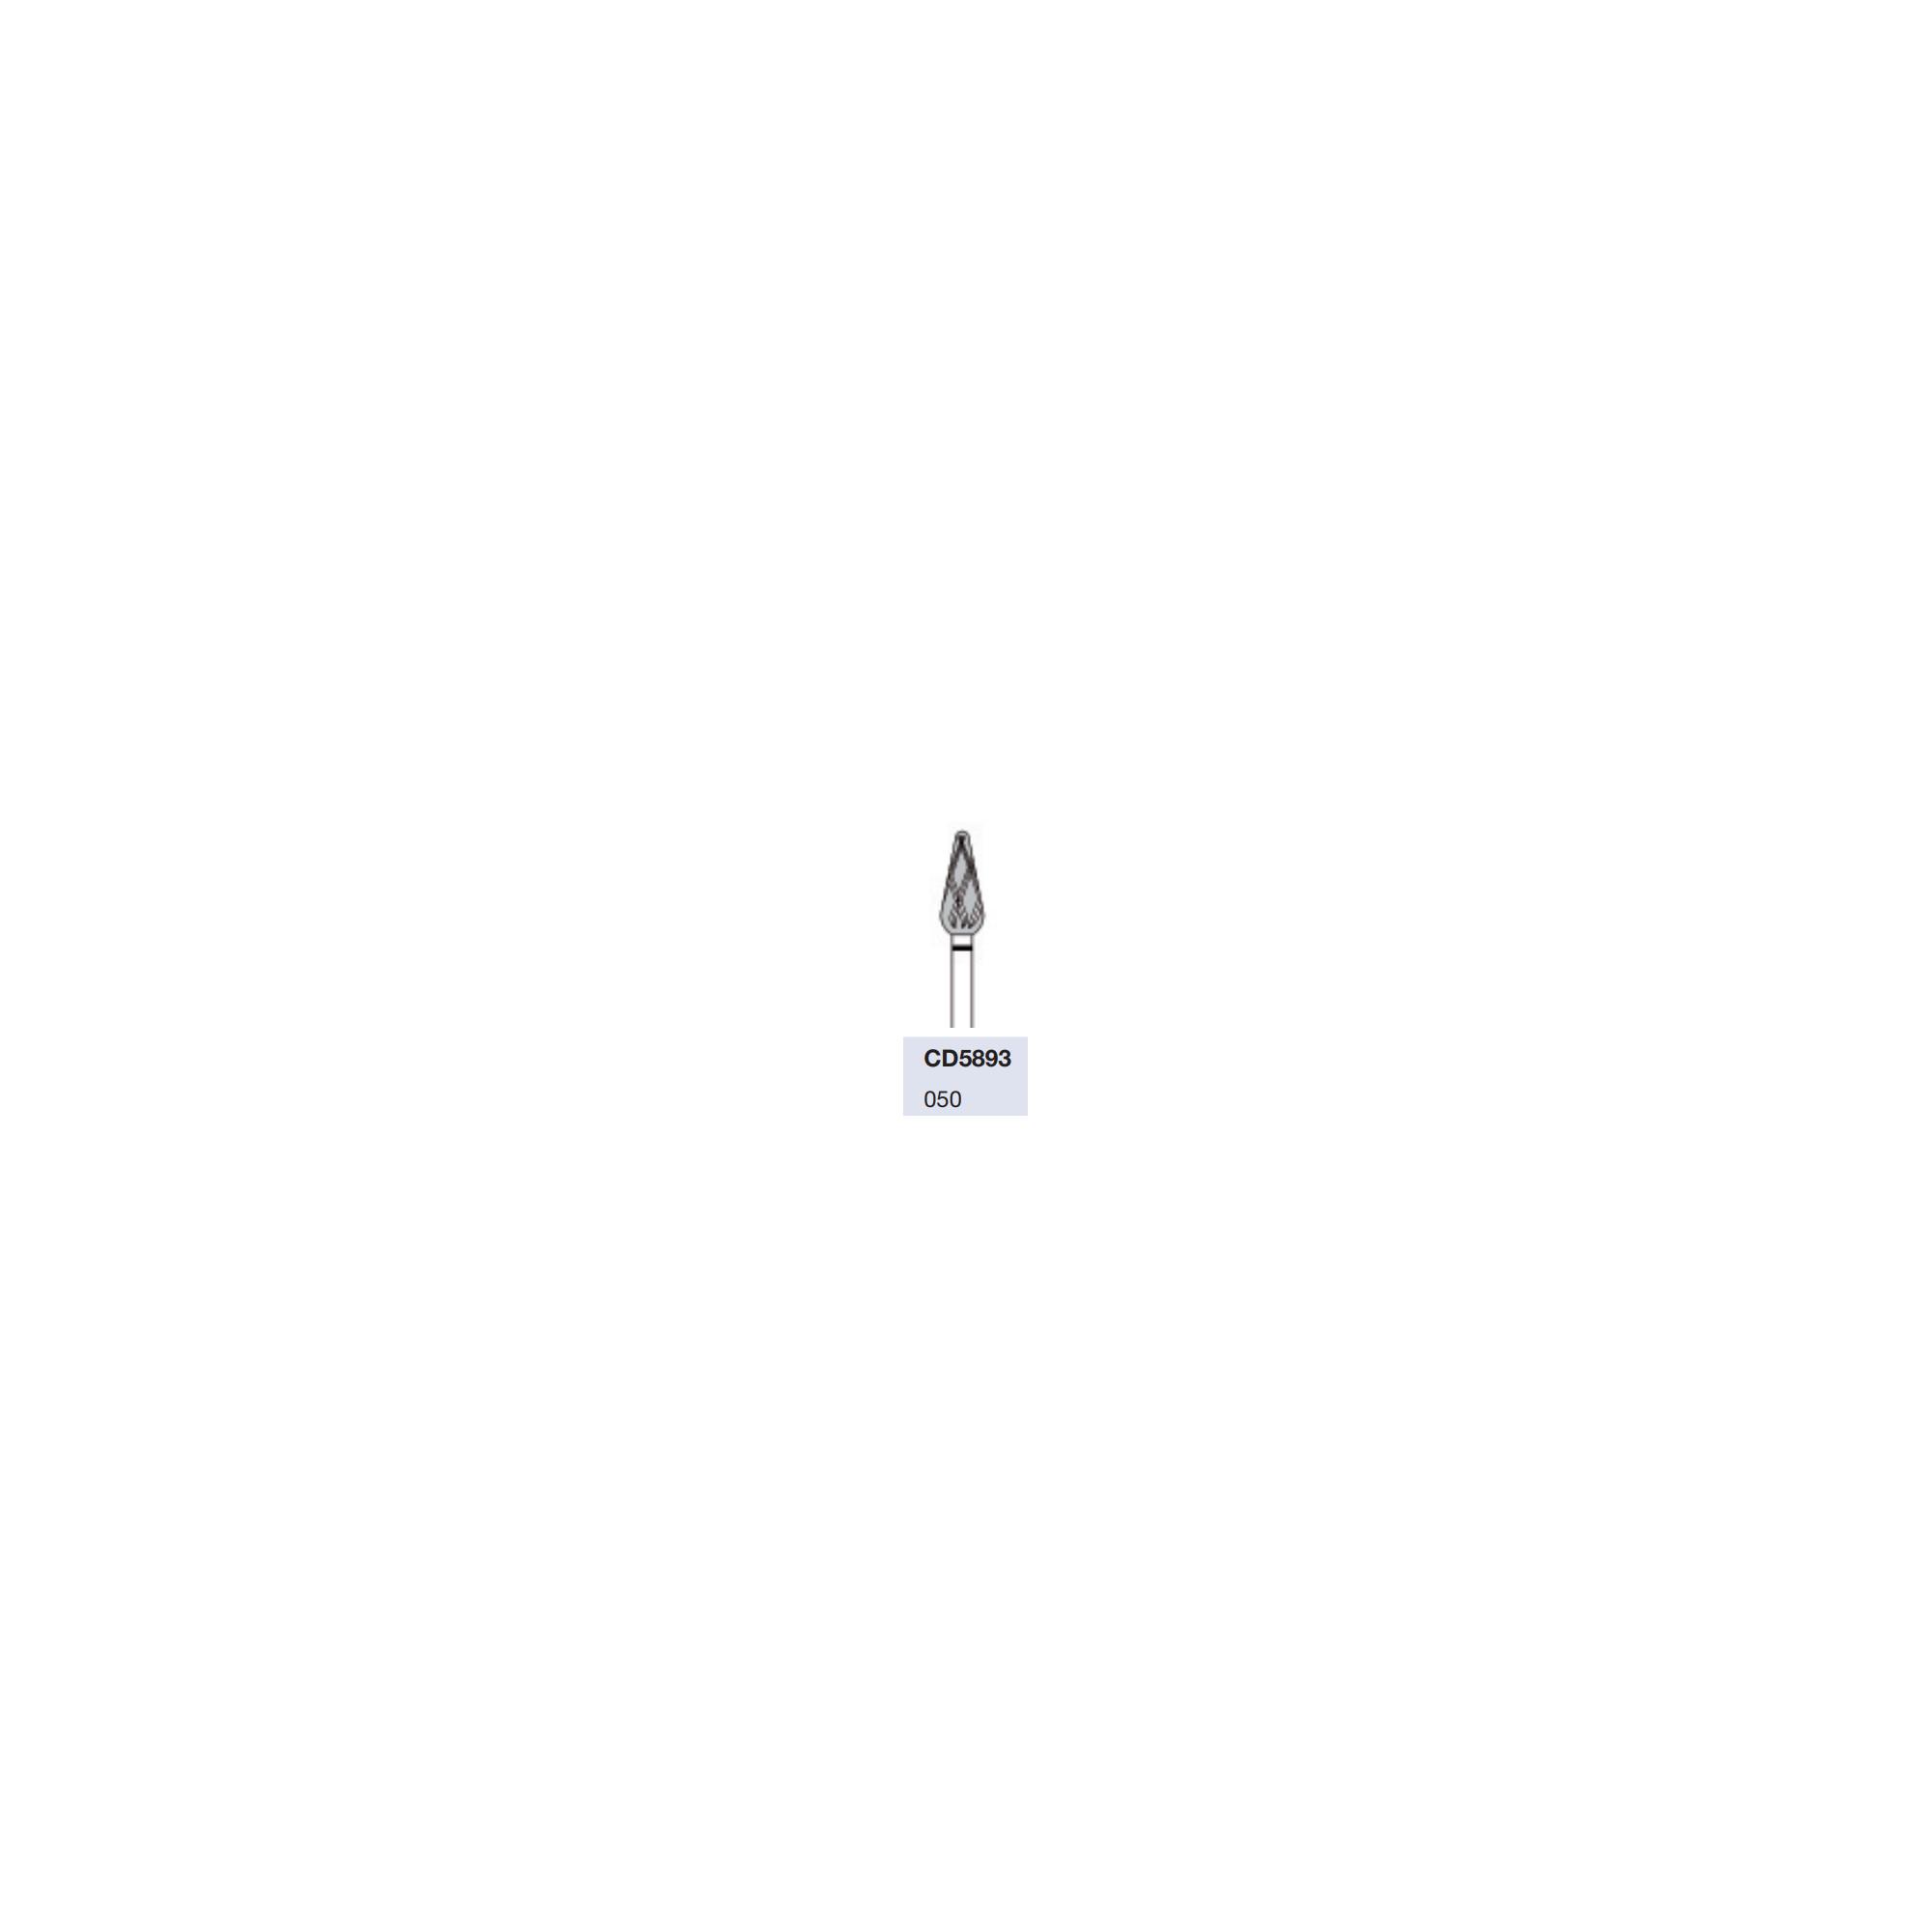 Fraise CD5893 Diamant - Abrasion des callosités dures - 5mm